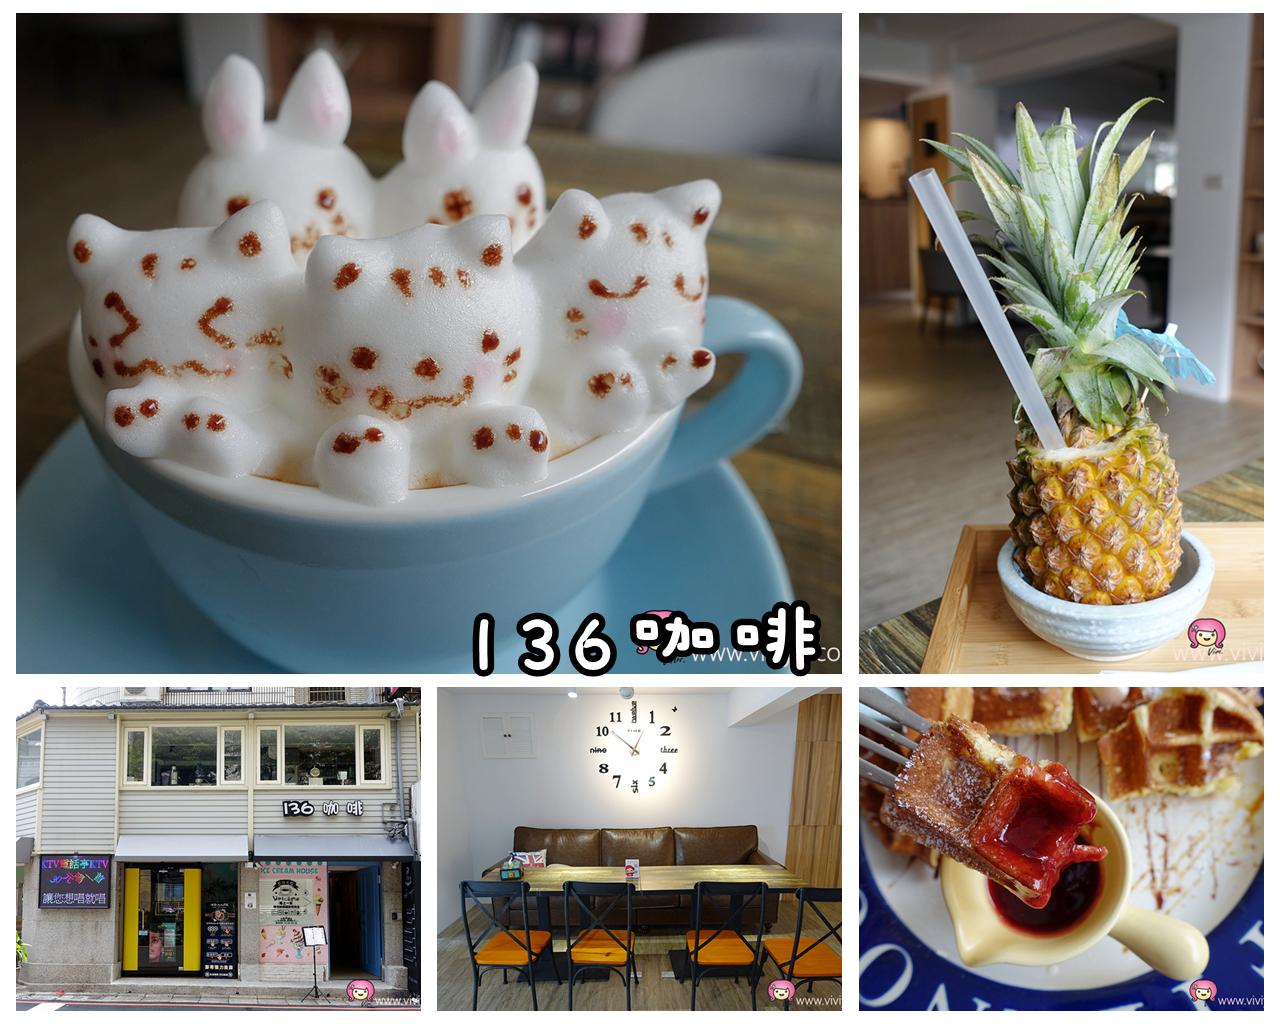 [桃園美食]136咖啡.轉角咖啡館~可愛的喵喵立體拉花咖啡.鳳梨整顆上桌鳳梨汁 @VIVIYU小世界